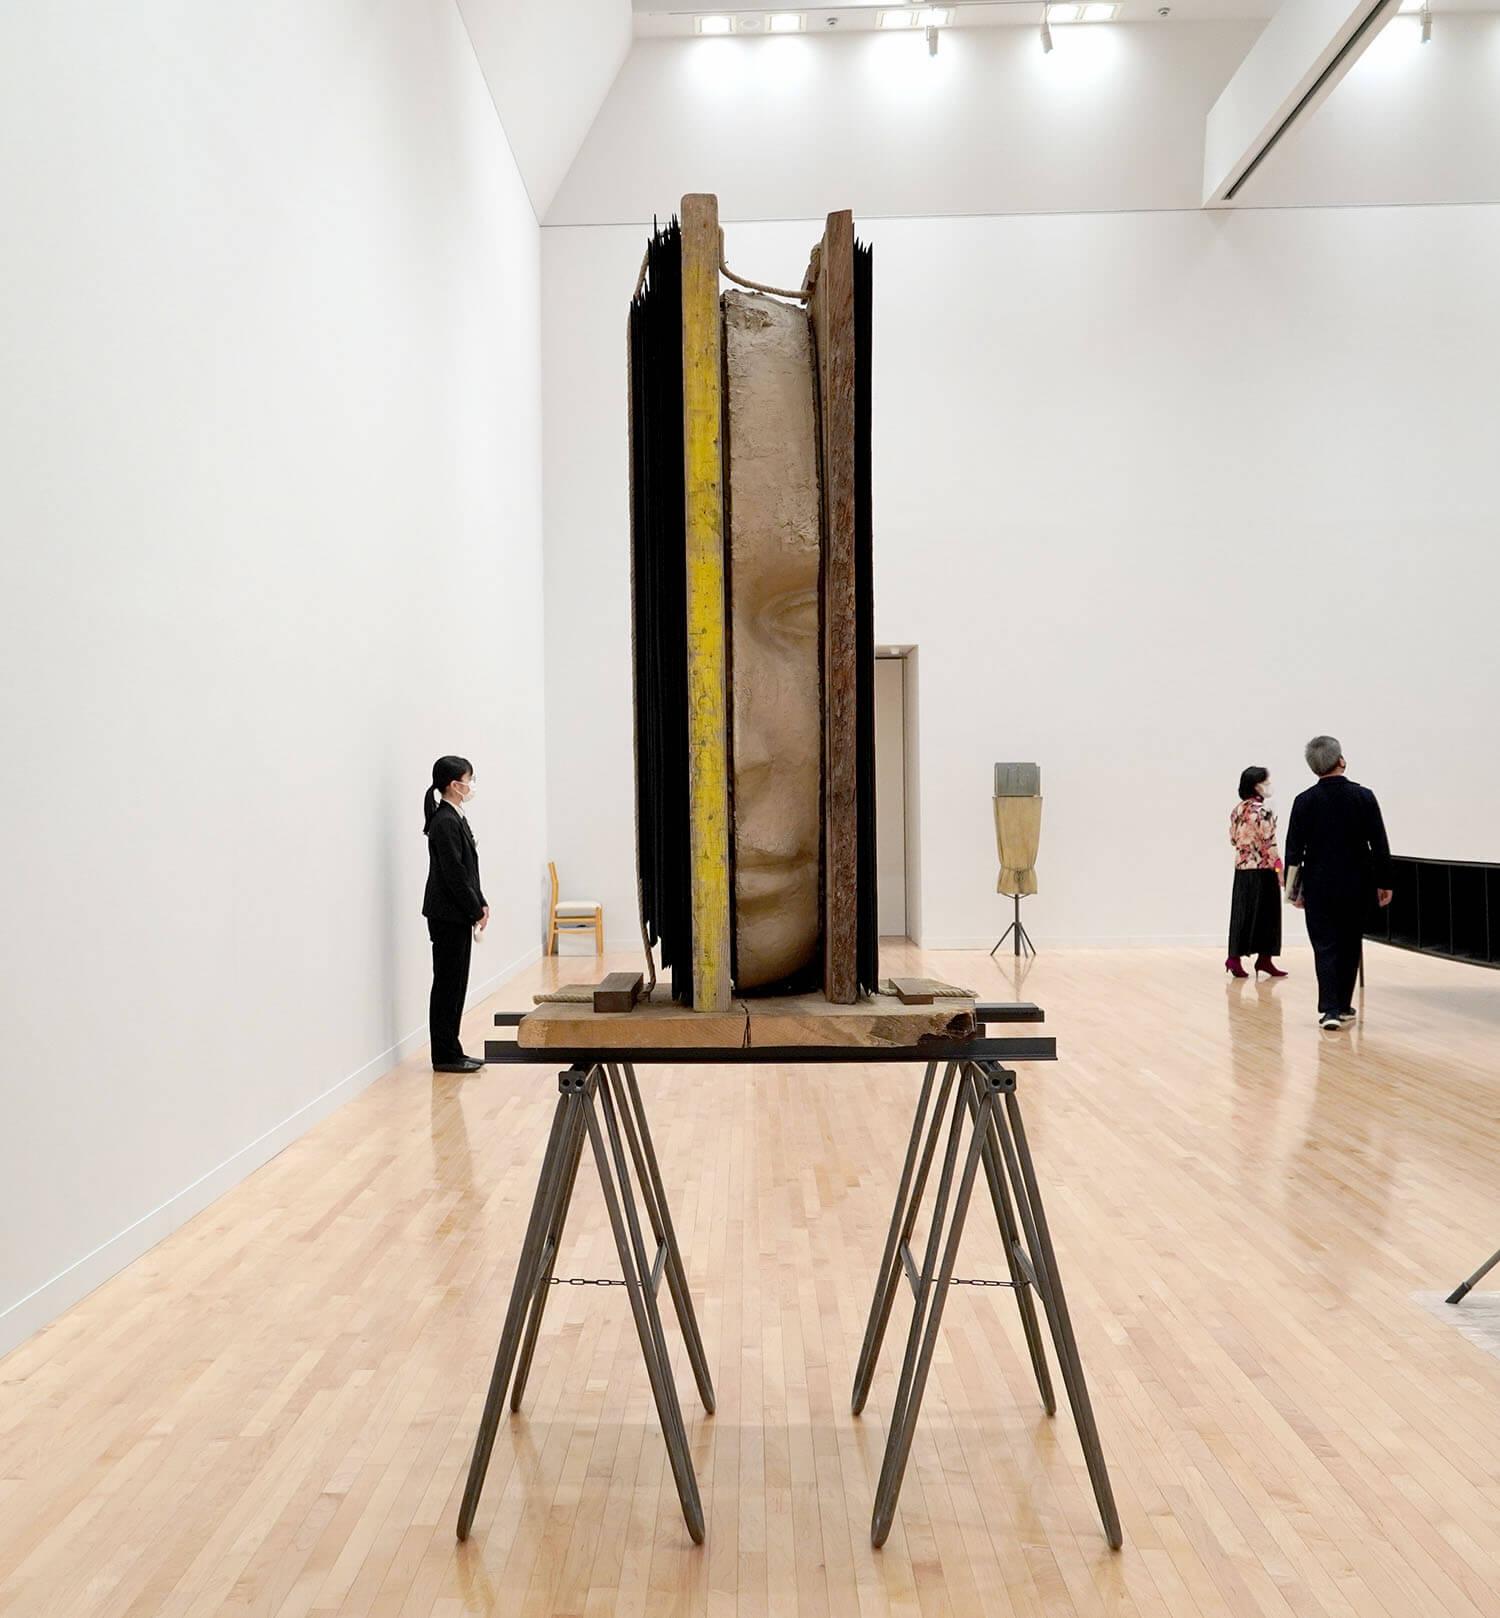 マーク・マンダース《黄色い縦のコンポジション》展示風景:東京都現代美術館